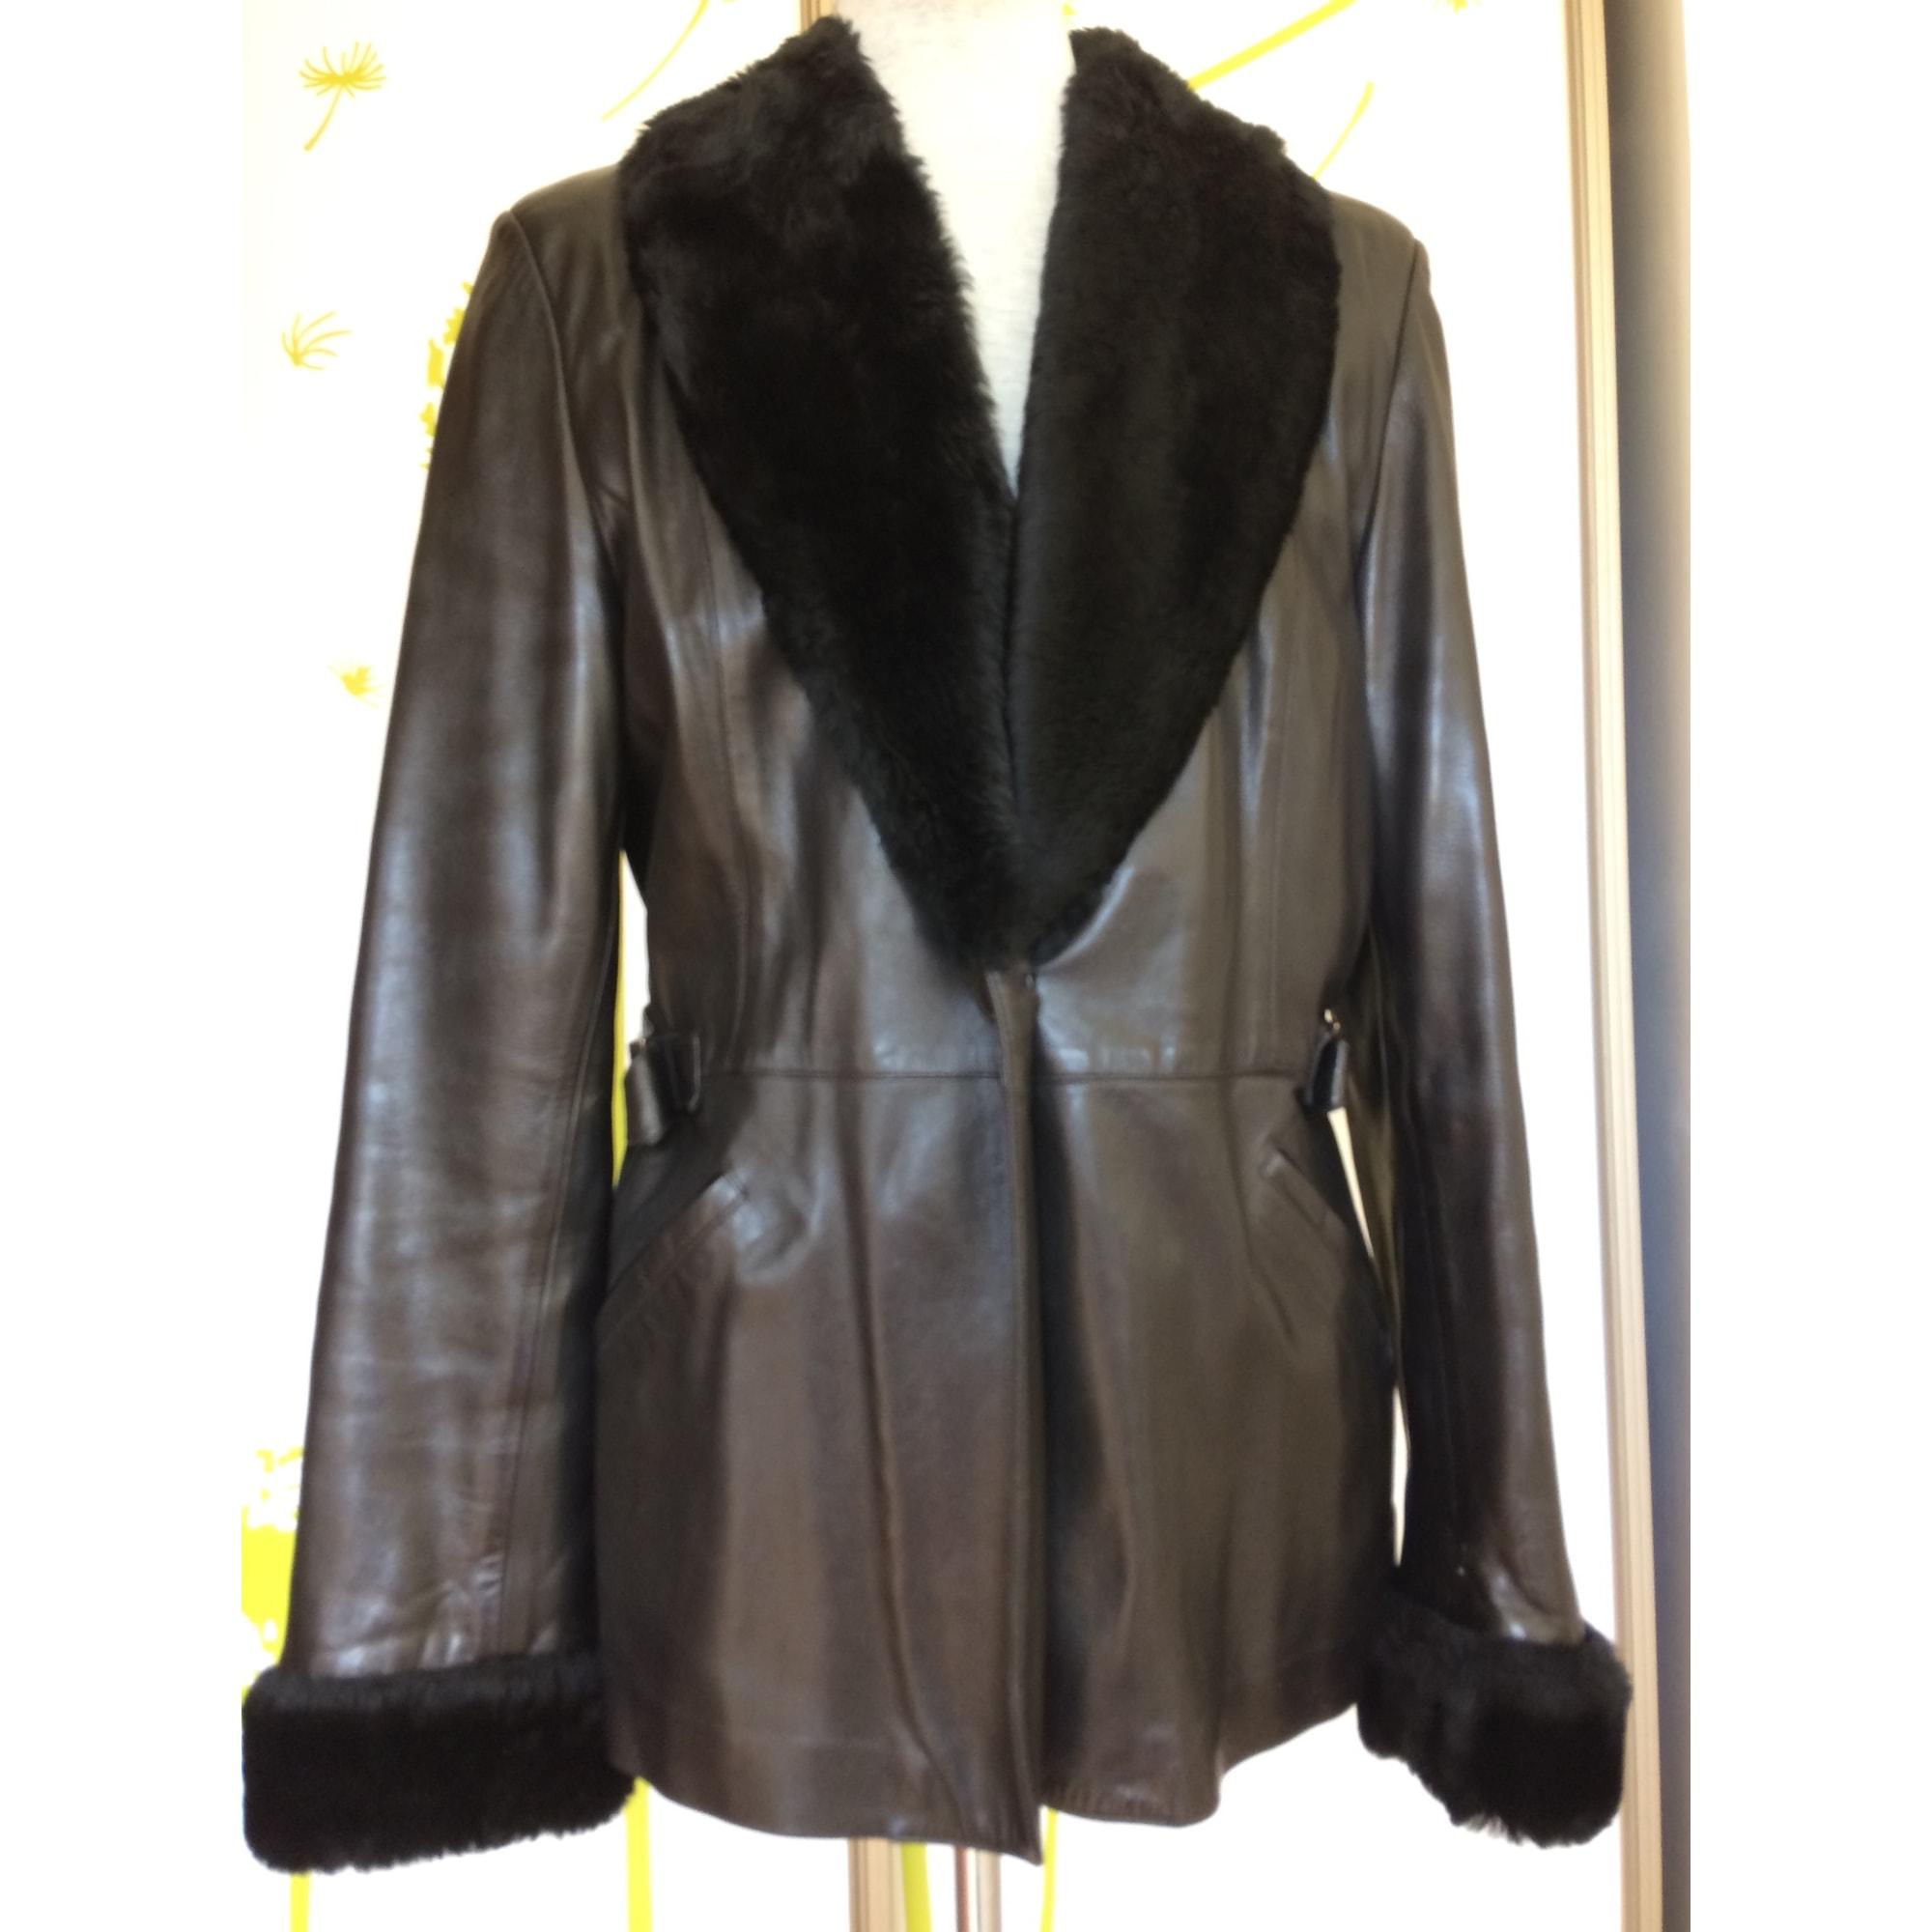 Blouson, veste en fourrure SPRUNG FRÈRES Noir